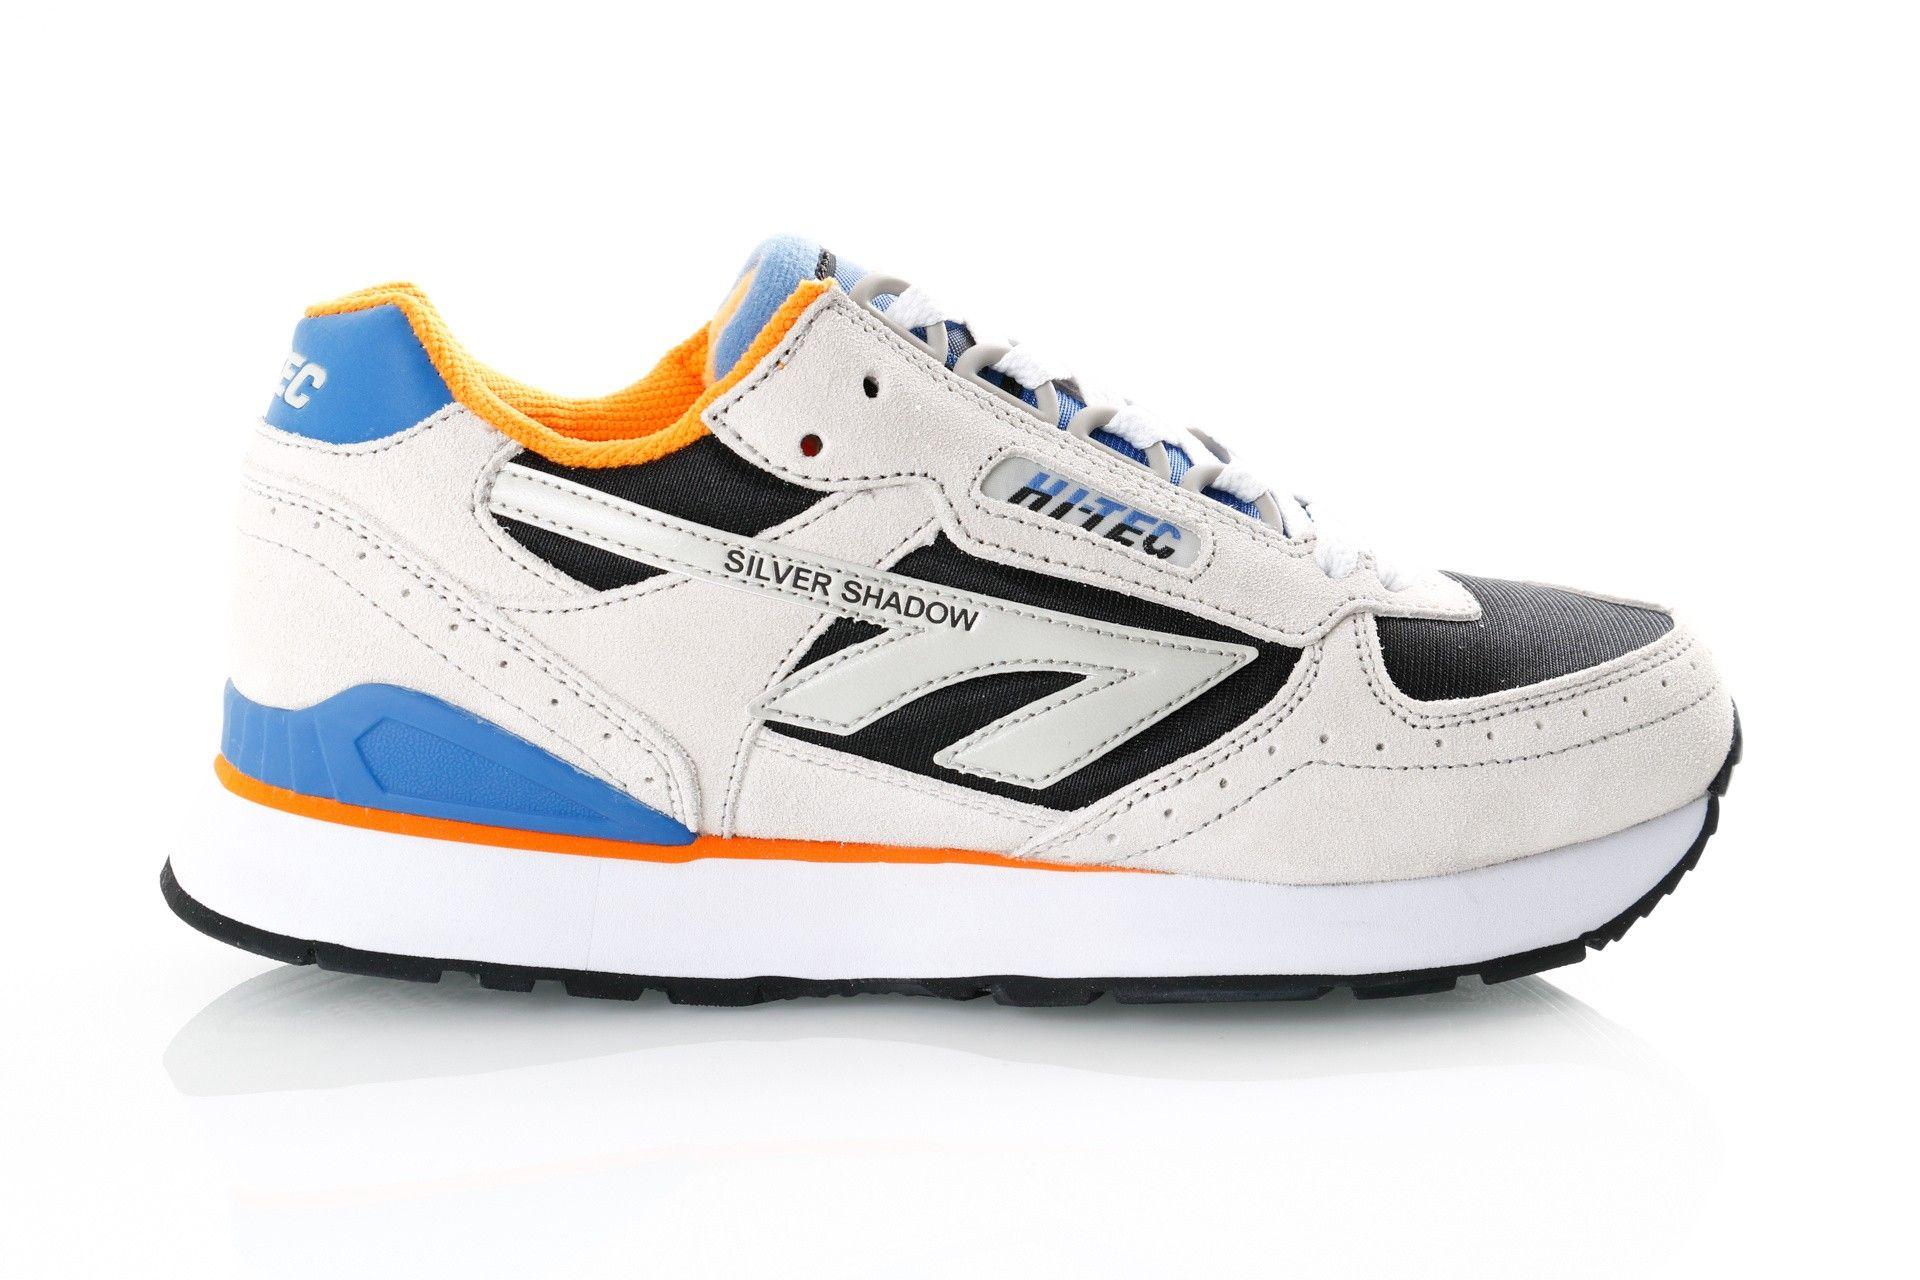 Afbeelding van Hi-Tec Silver Shadow S010001/071 Sneakers Grey/ Black/Blue /Orange